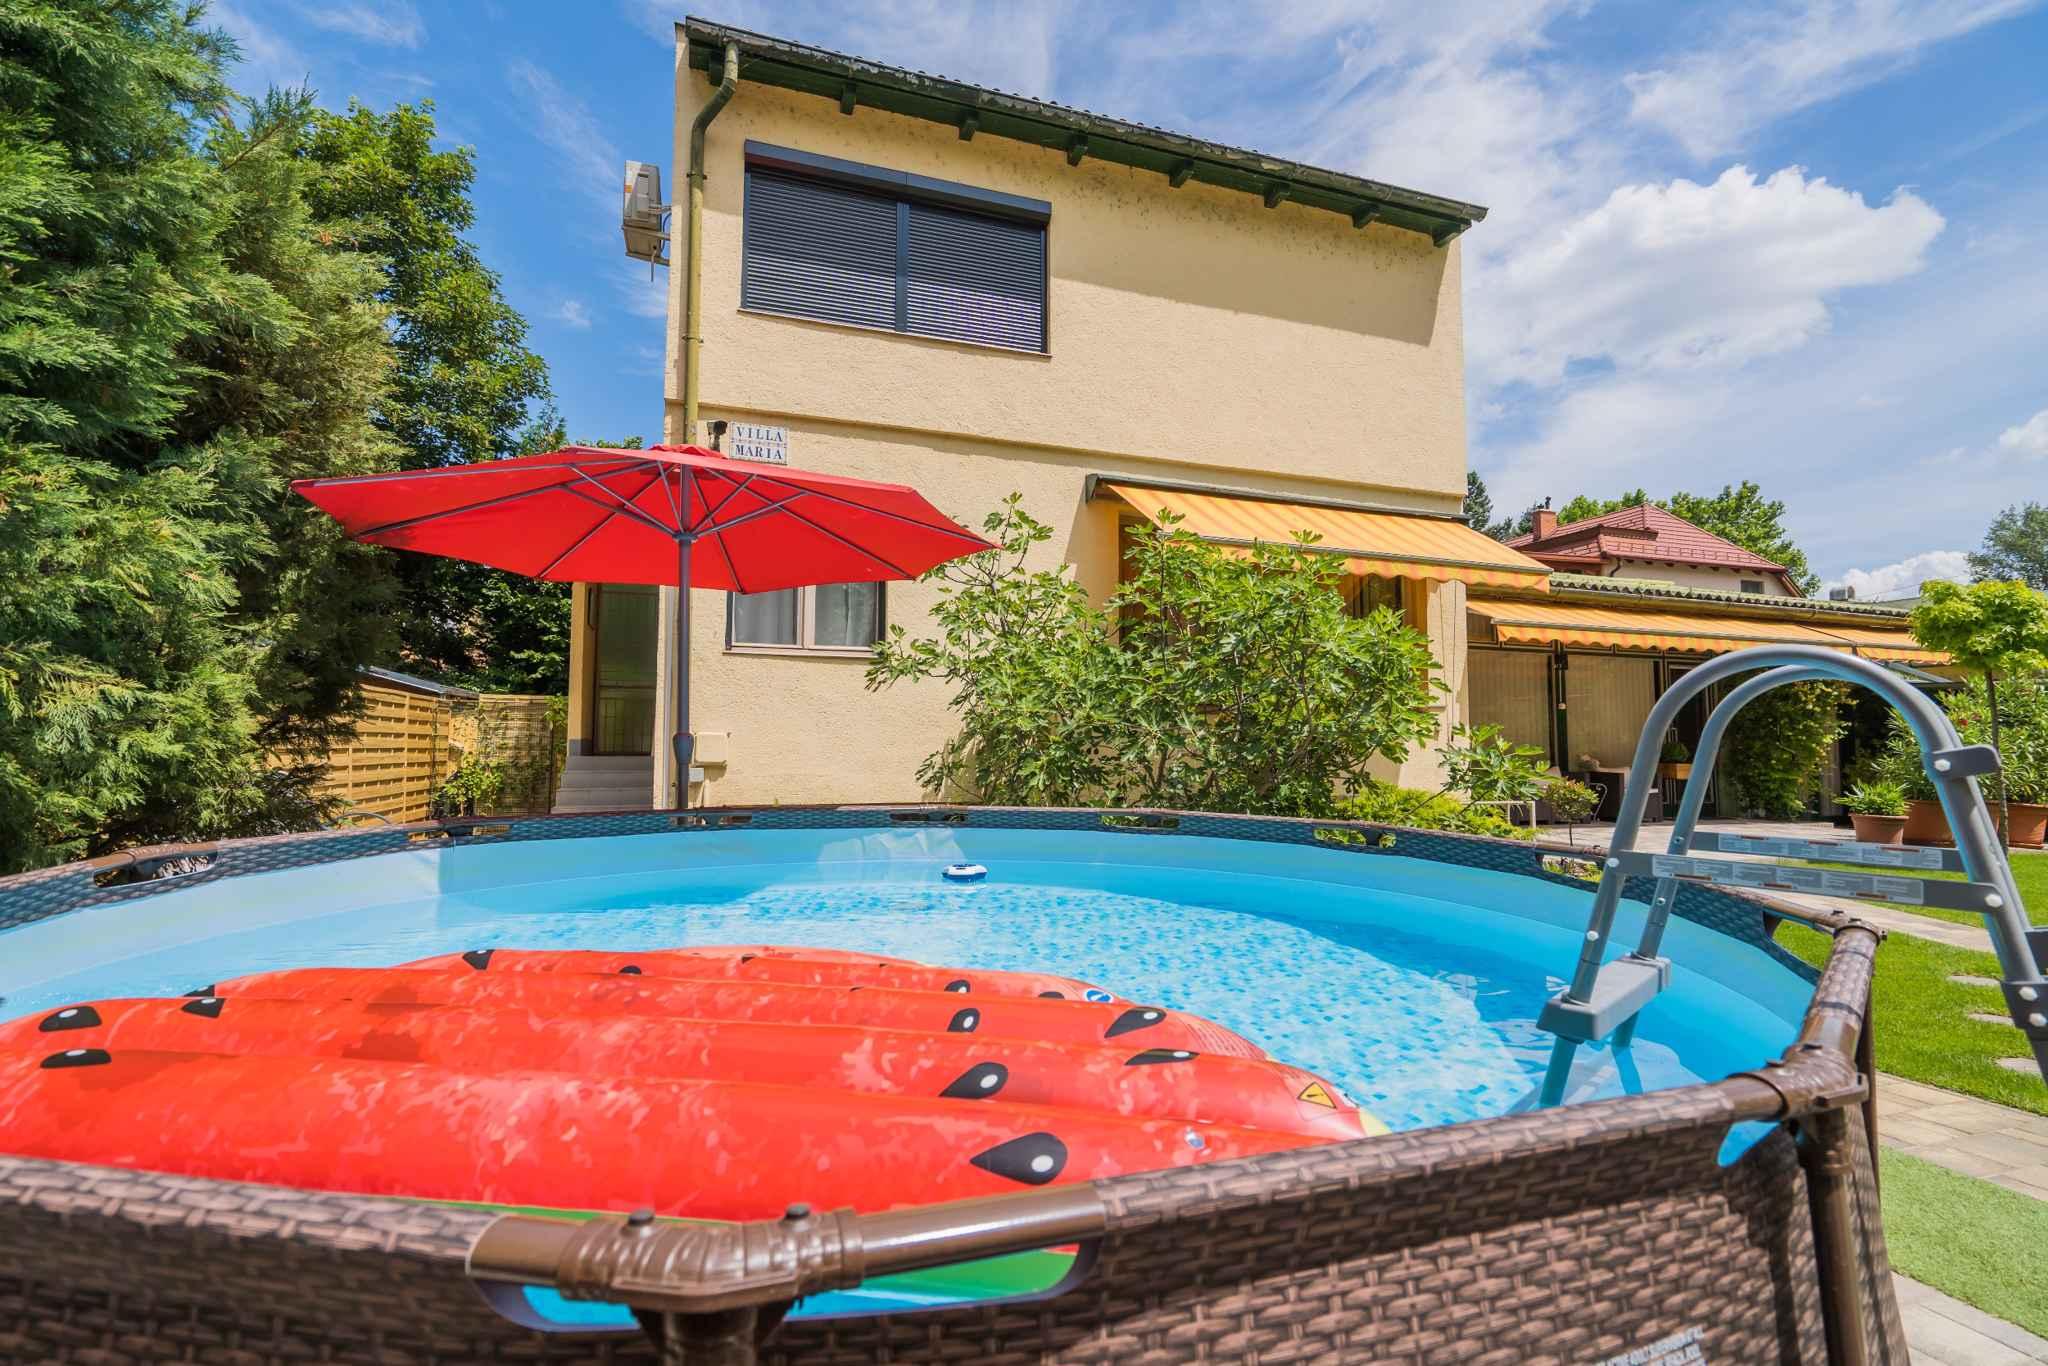 Ferienhaus mit Pool und gepflegtem Garten Ferienhaus in Ungarn